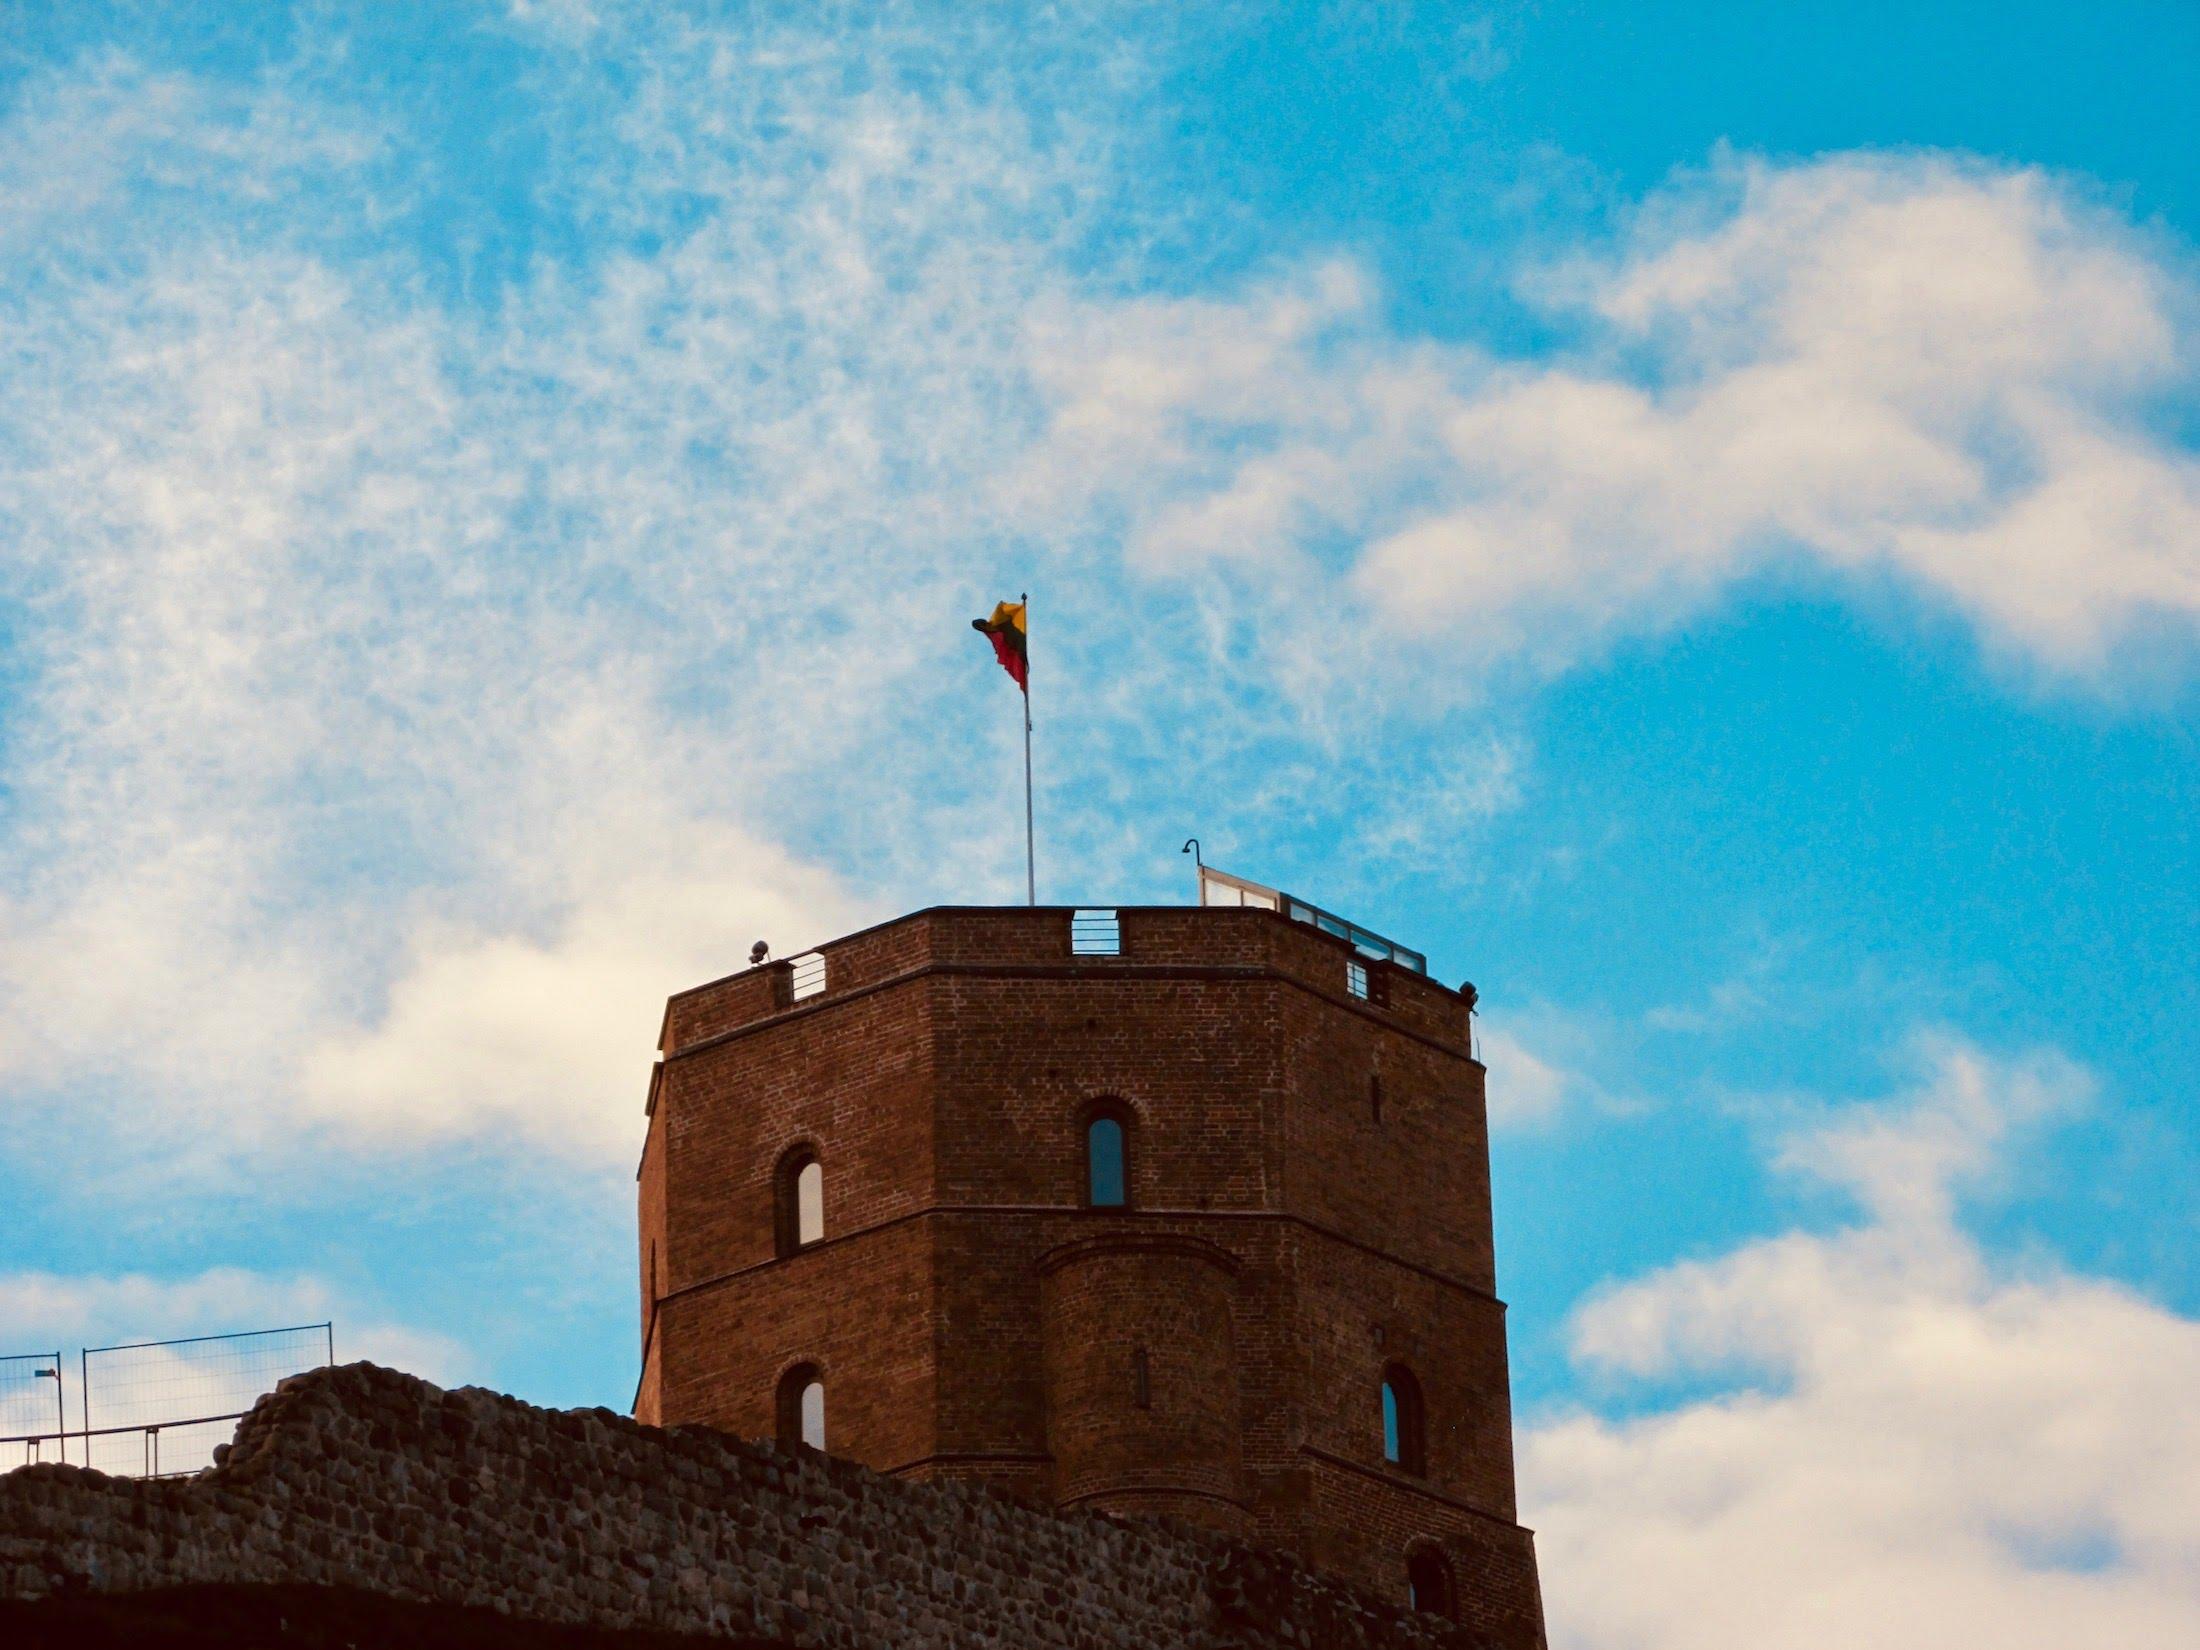 Gediminas' Tower, height 48m